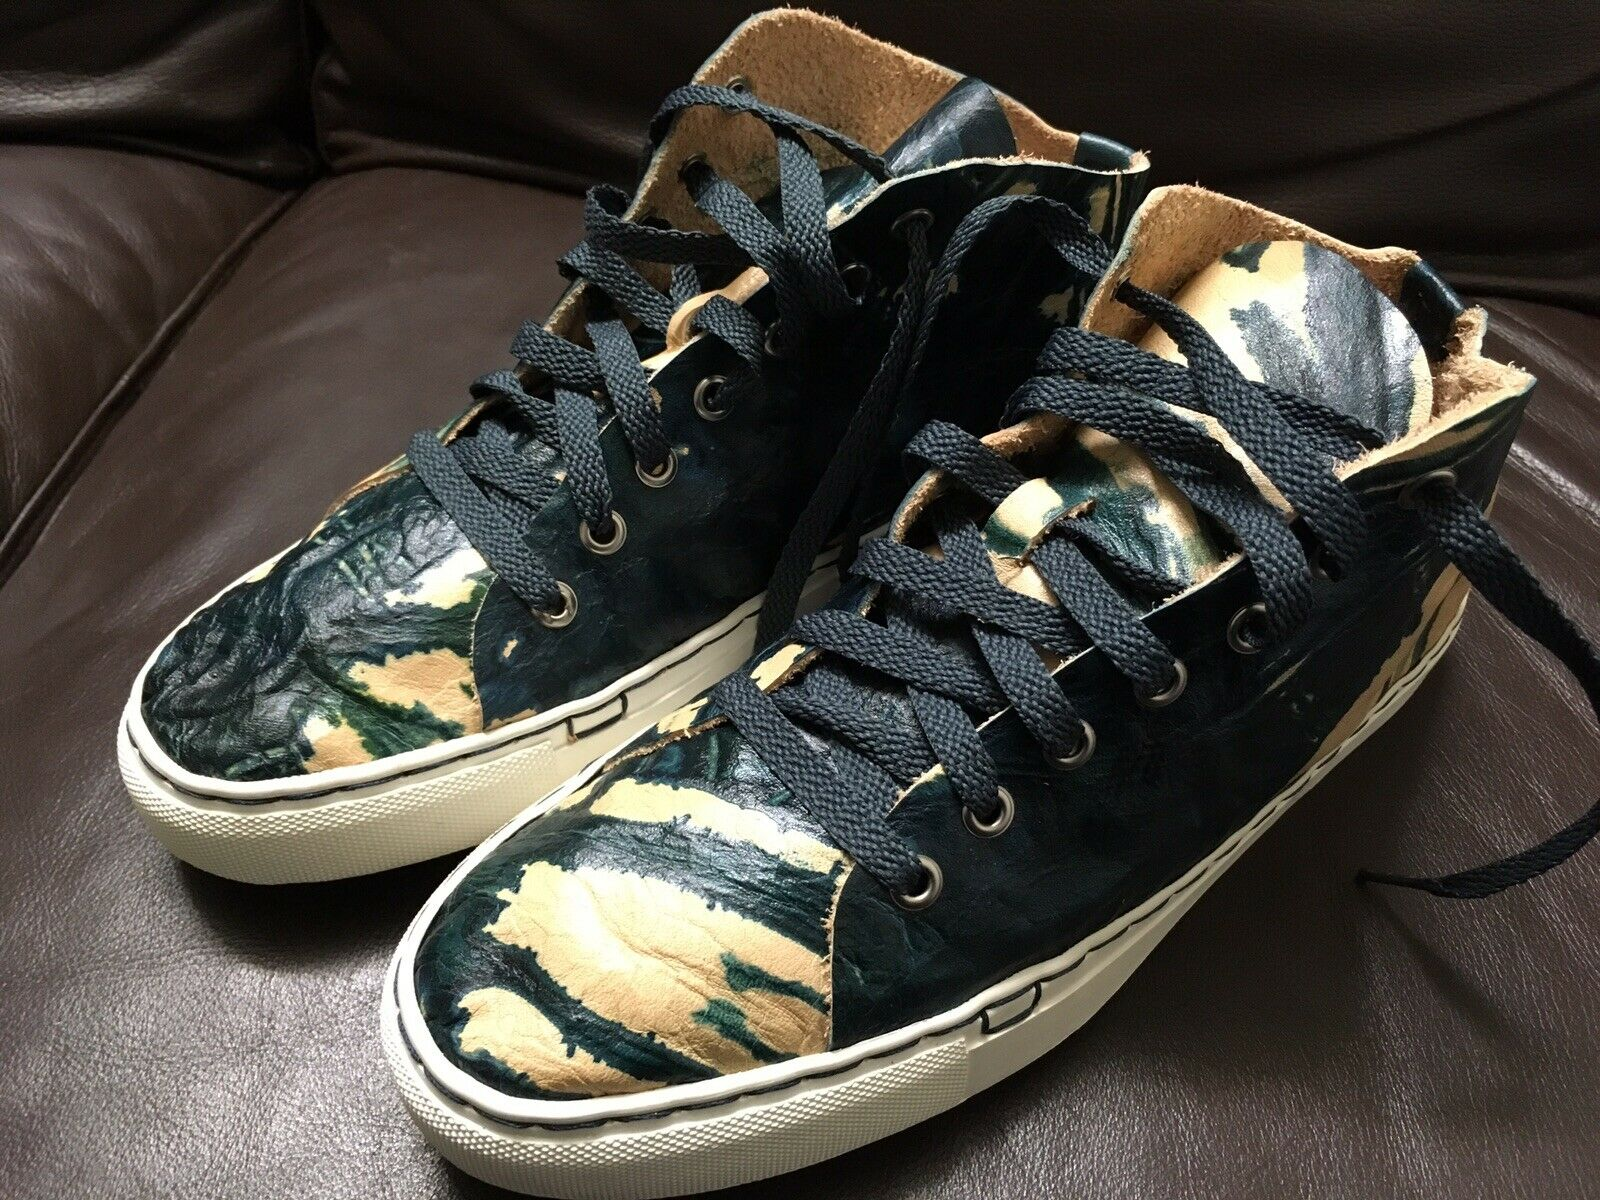 (Sold Out) Moo-Young fait à la main Seattle baskets Chaussures Teinté à la main en cuir Art